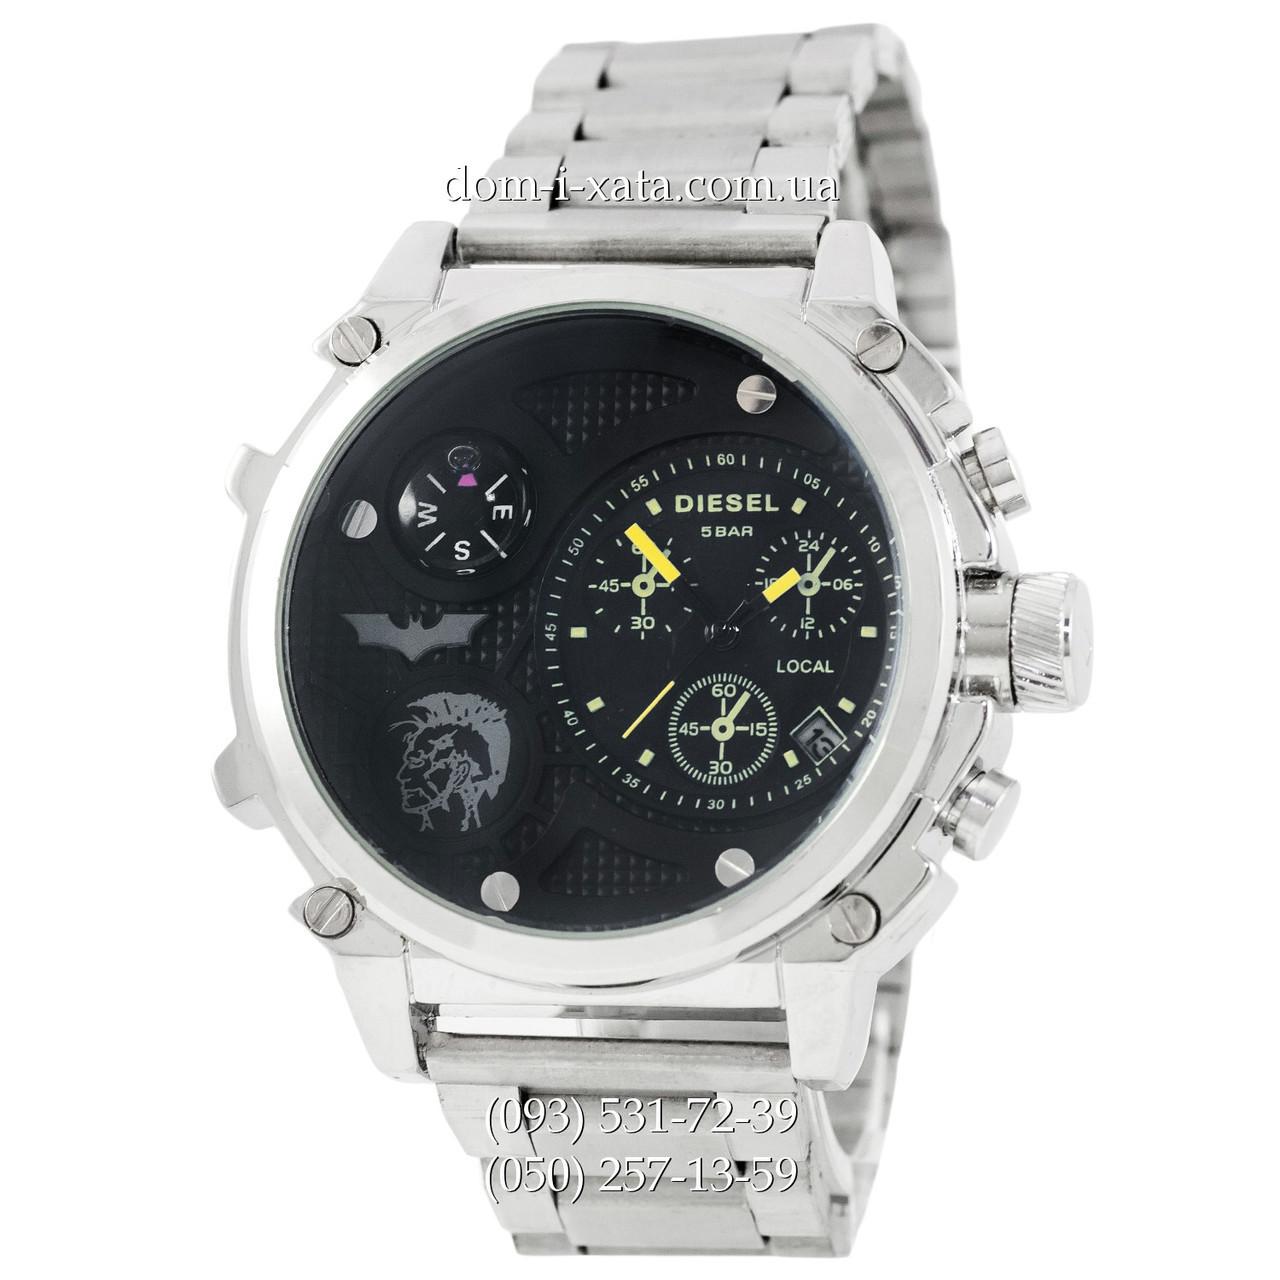 Мужские наручные часы Diesel Steel Brave 2221 Silver-Black-Yellow, кварцевые, элитные часы Дизель Стил Брейв, реплика отличное качество!